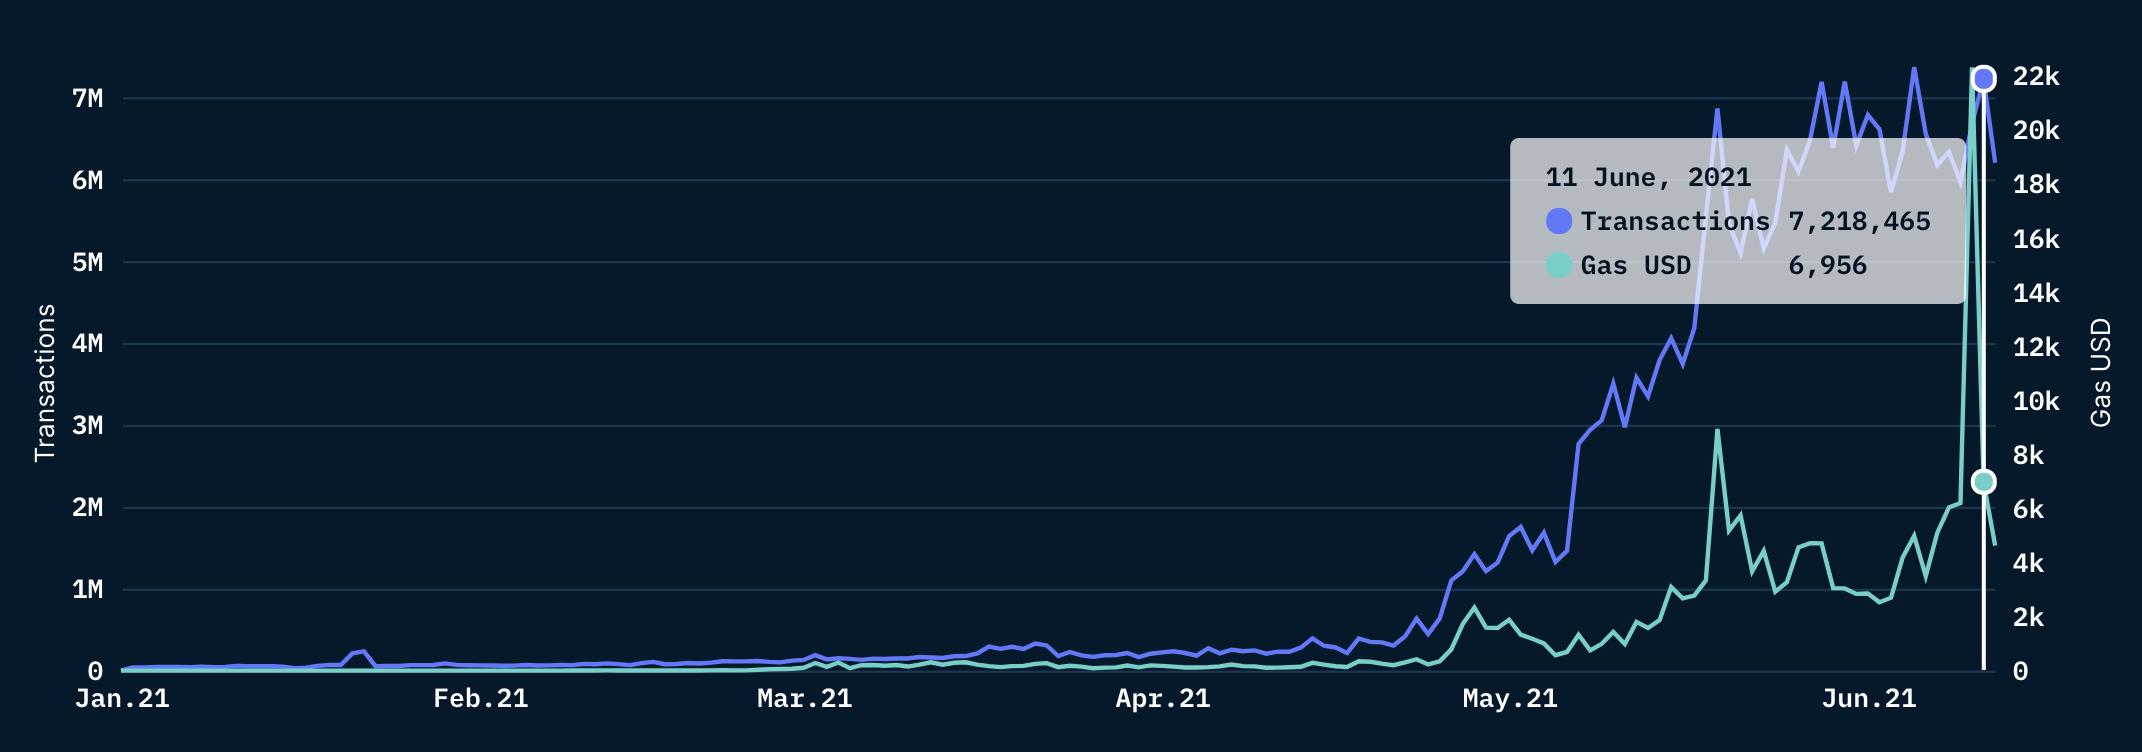 Ethereum Gas Fees Plunge as Polygon L2 Surpasses 7 Million Transactions